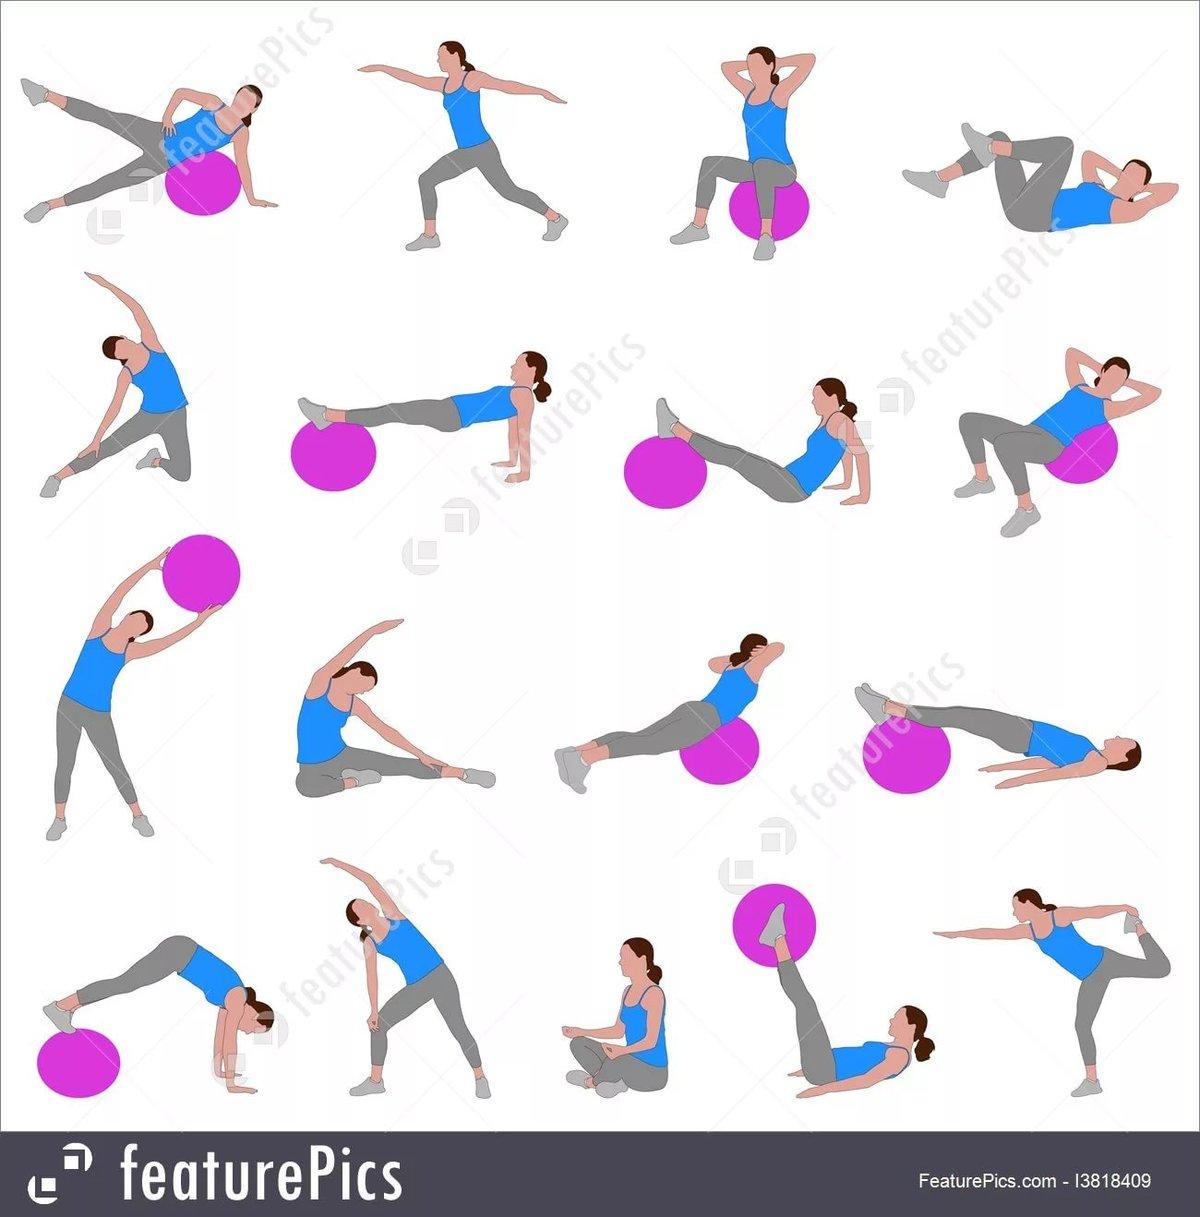 литвинова поделилась упражнения фитнеса для начинающих в картинках как